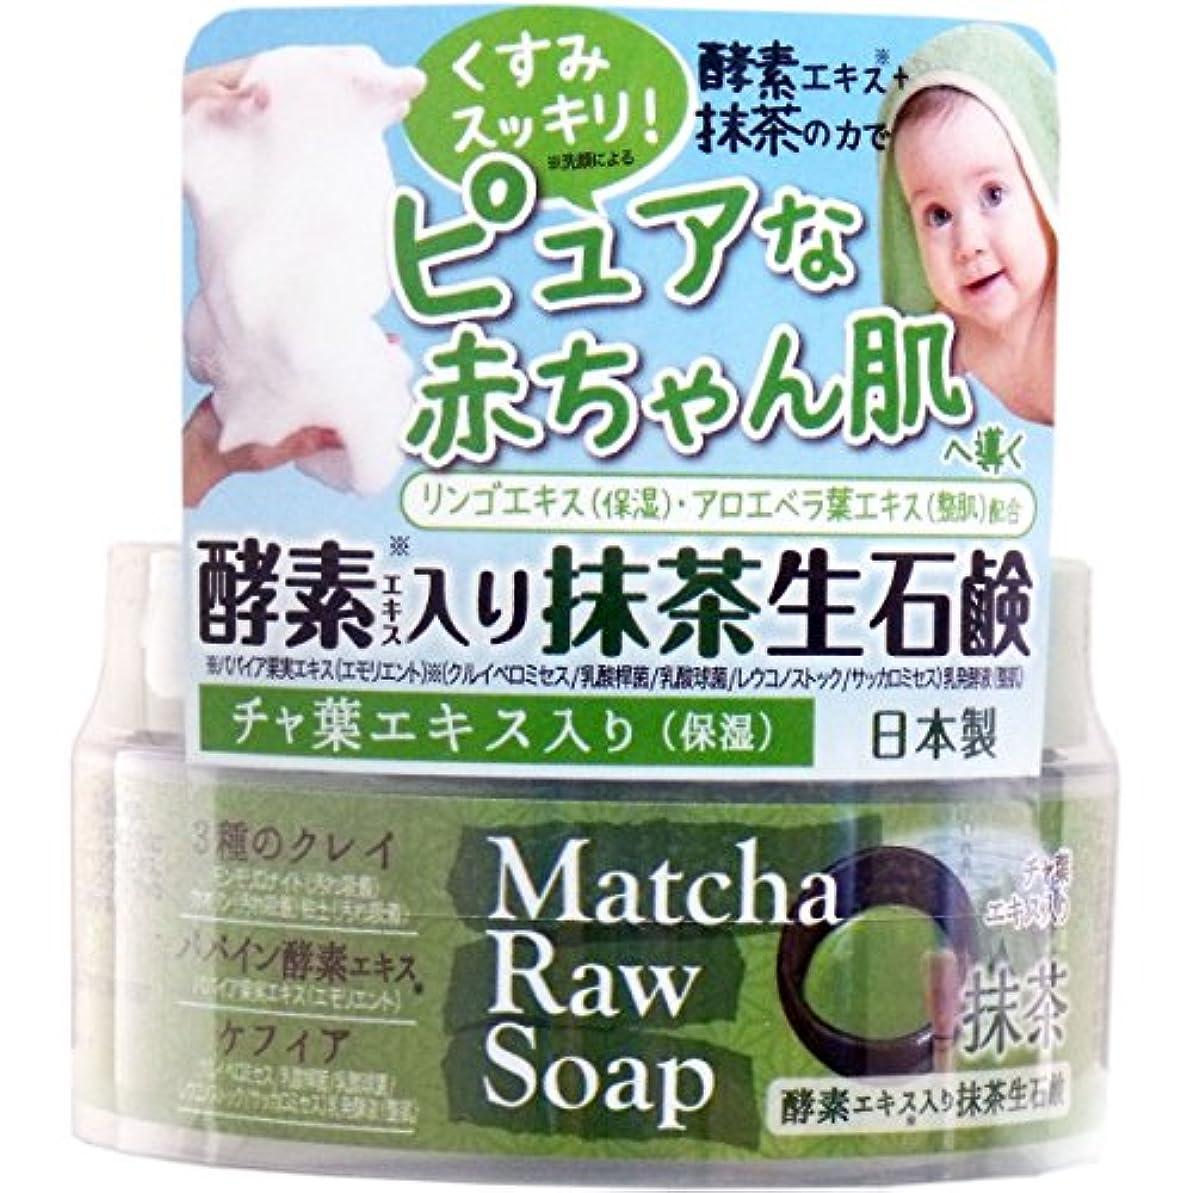 所持抵抗熟練した酵素エキス入り抹茶生石鹸